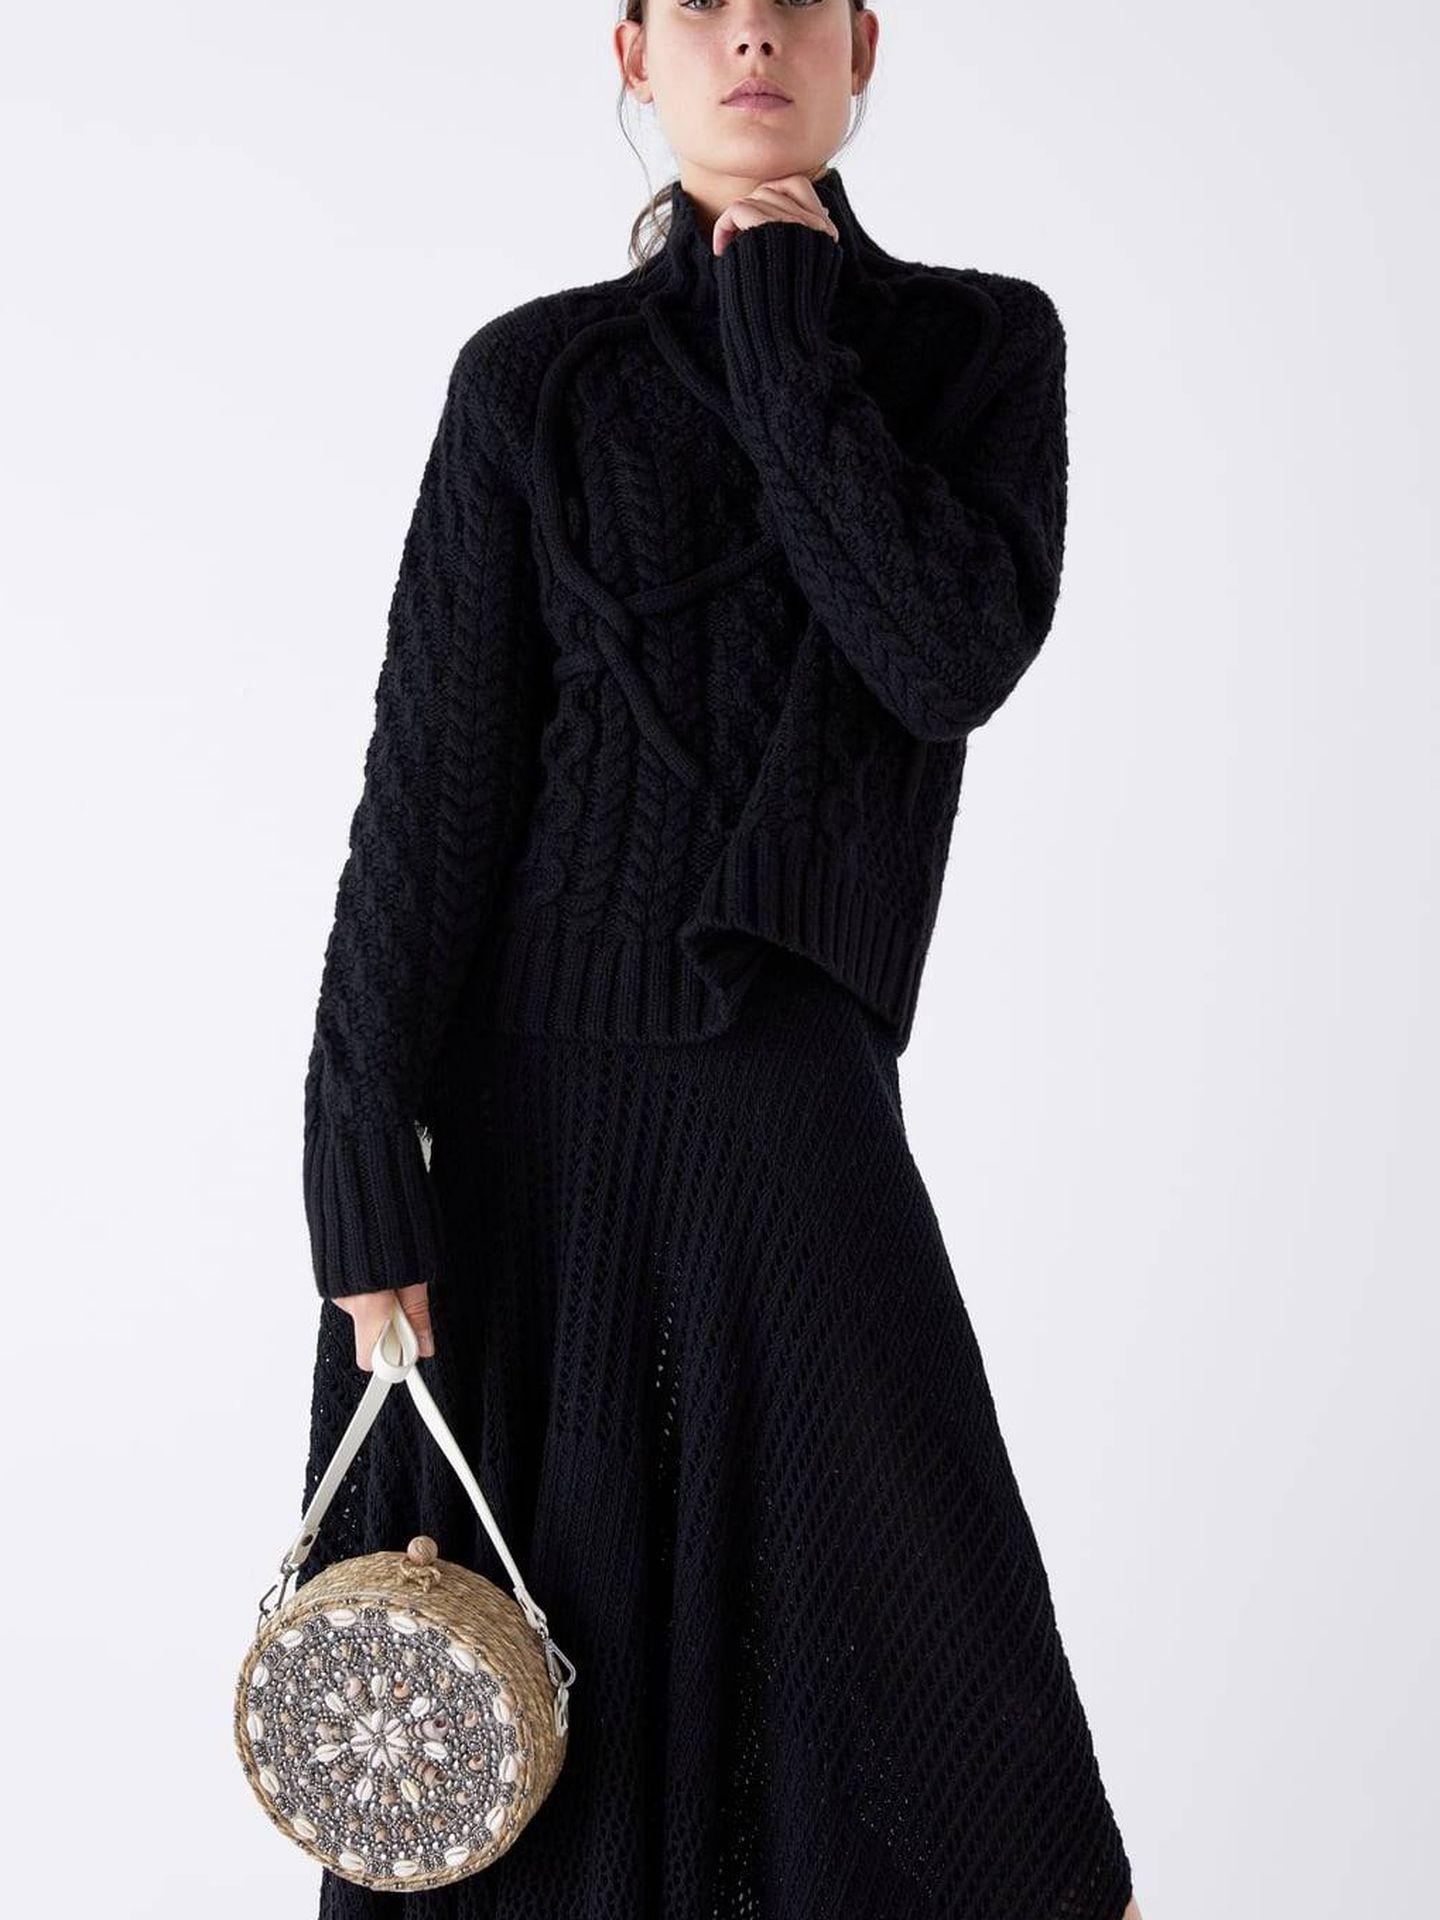 De esparto, con conchas y en tamaño mini (39,95 €), de Zara. (Cortesía)